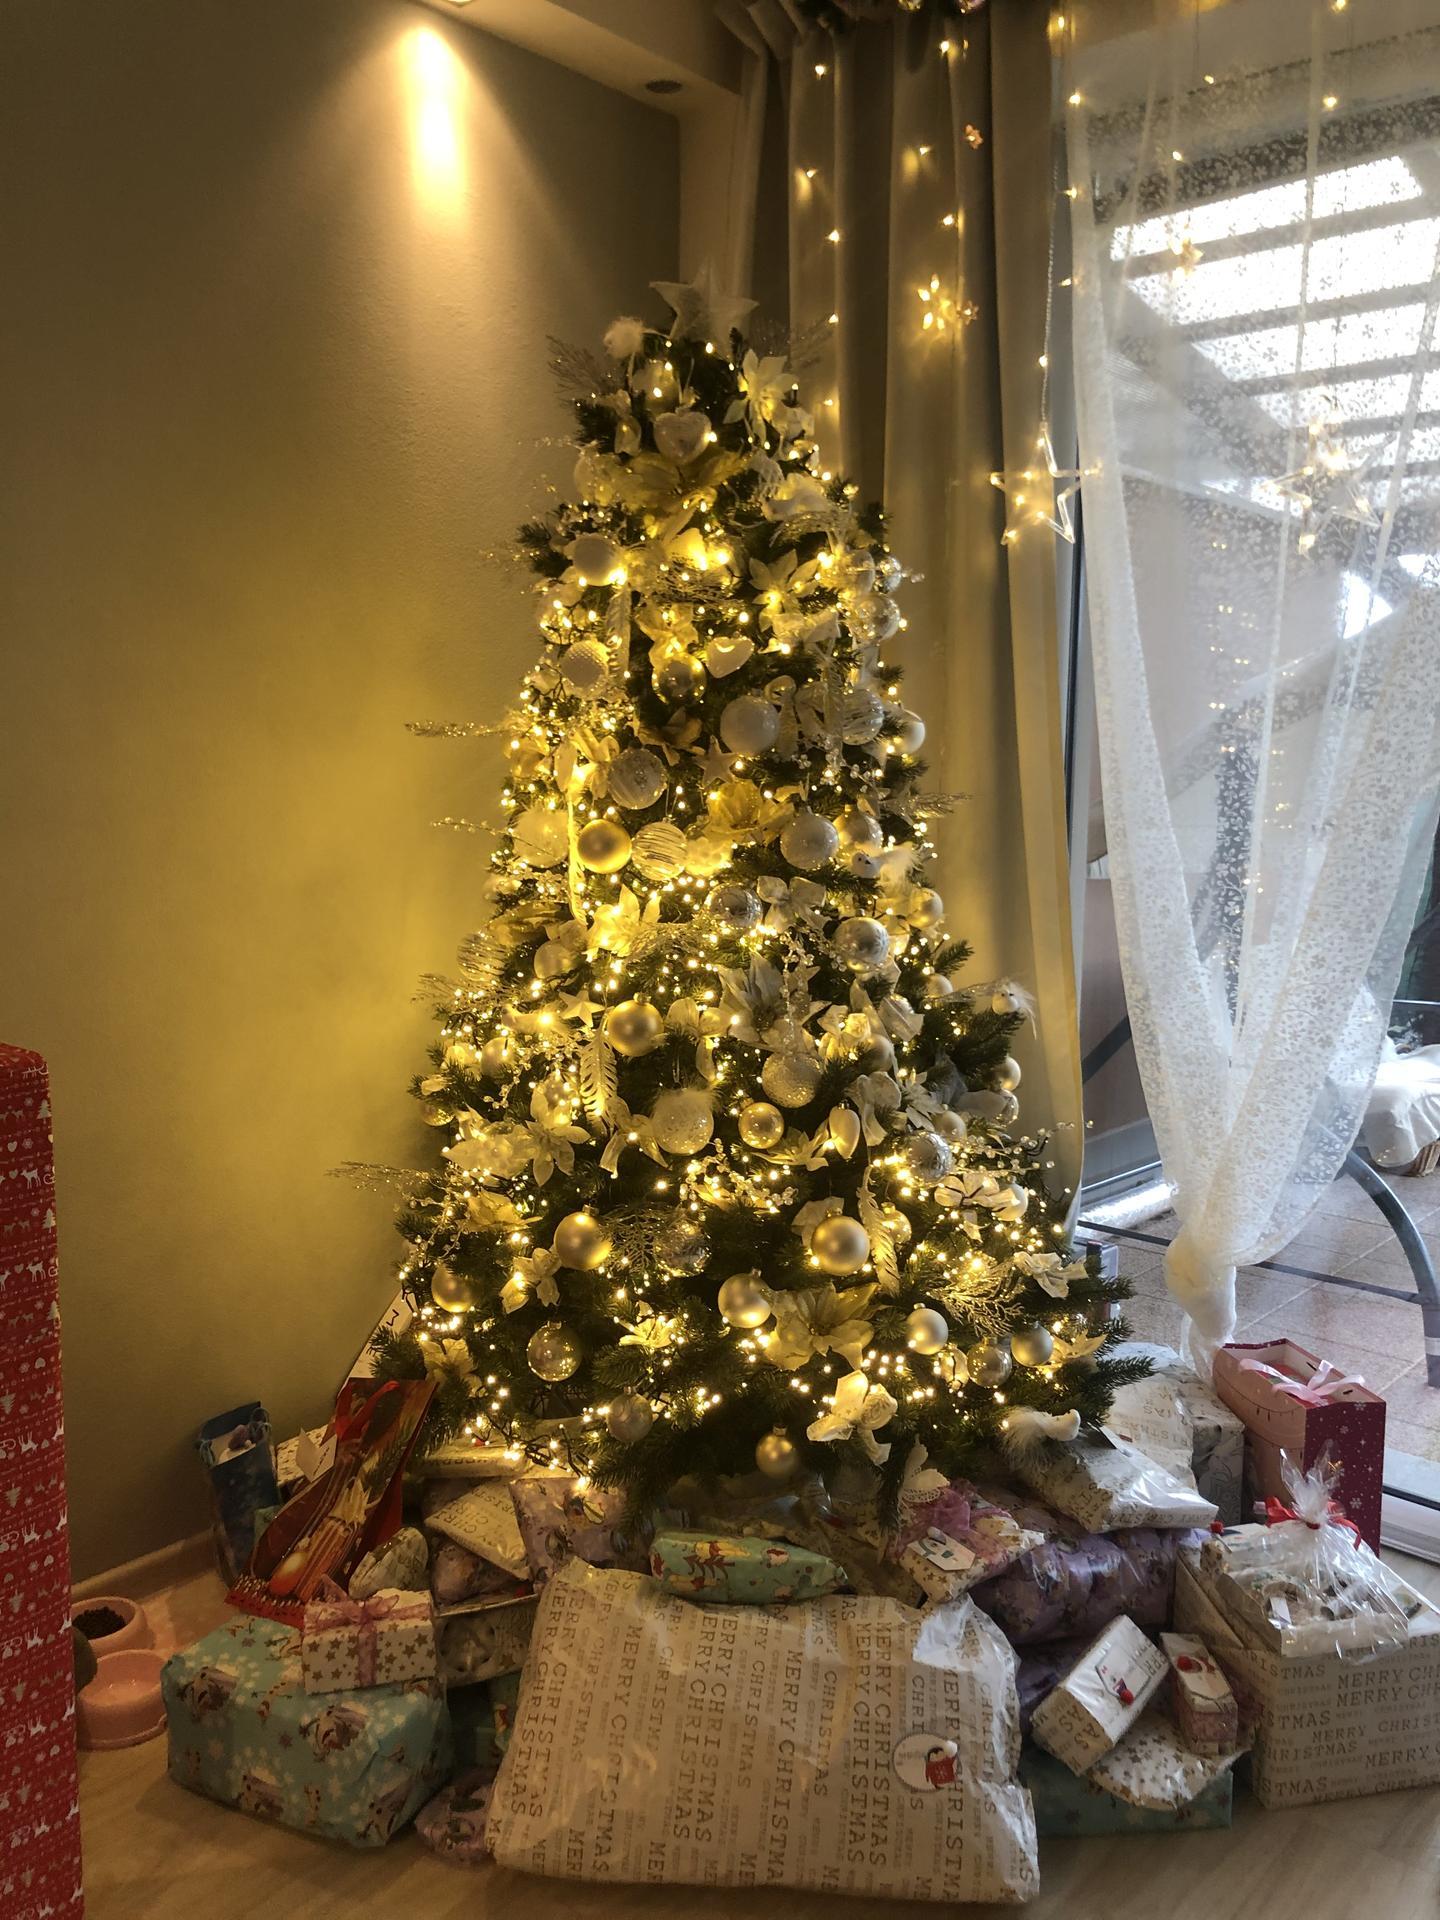 Příjemné prožití vánočních svátku a v roce 2020 pevné zdraví,štěstí,lásku a řadu správných rozhodnuti na cestě ke splněným snům. - Obrázek č. 4